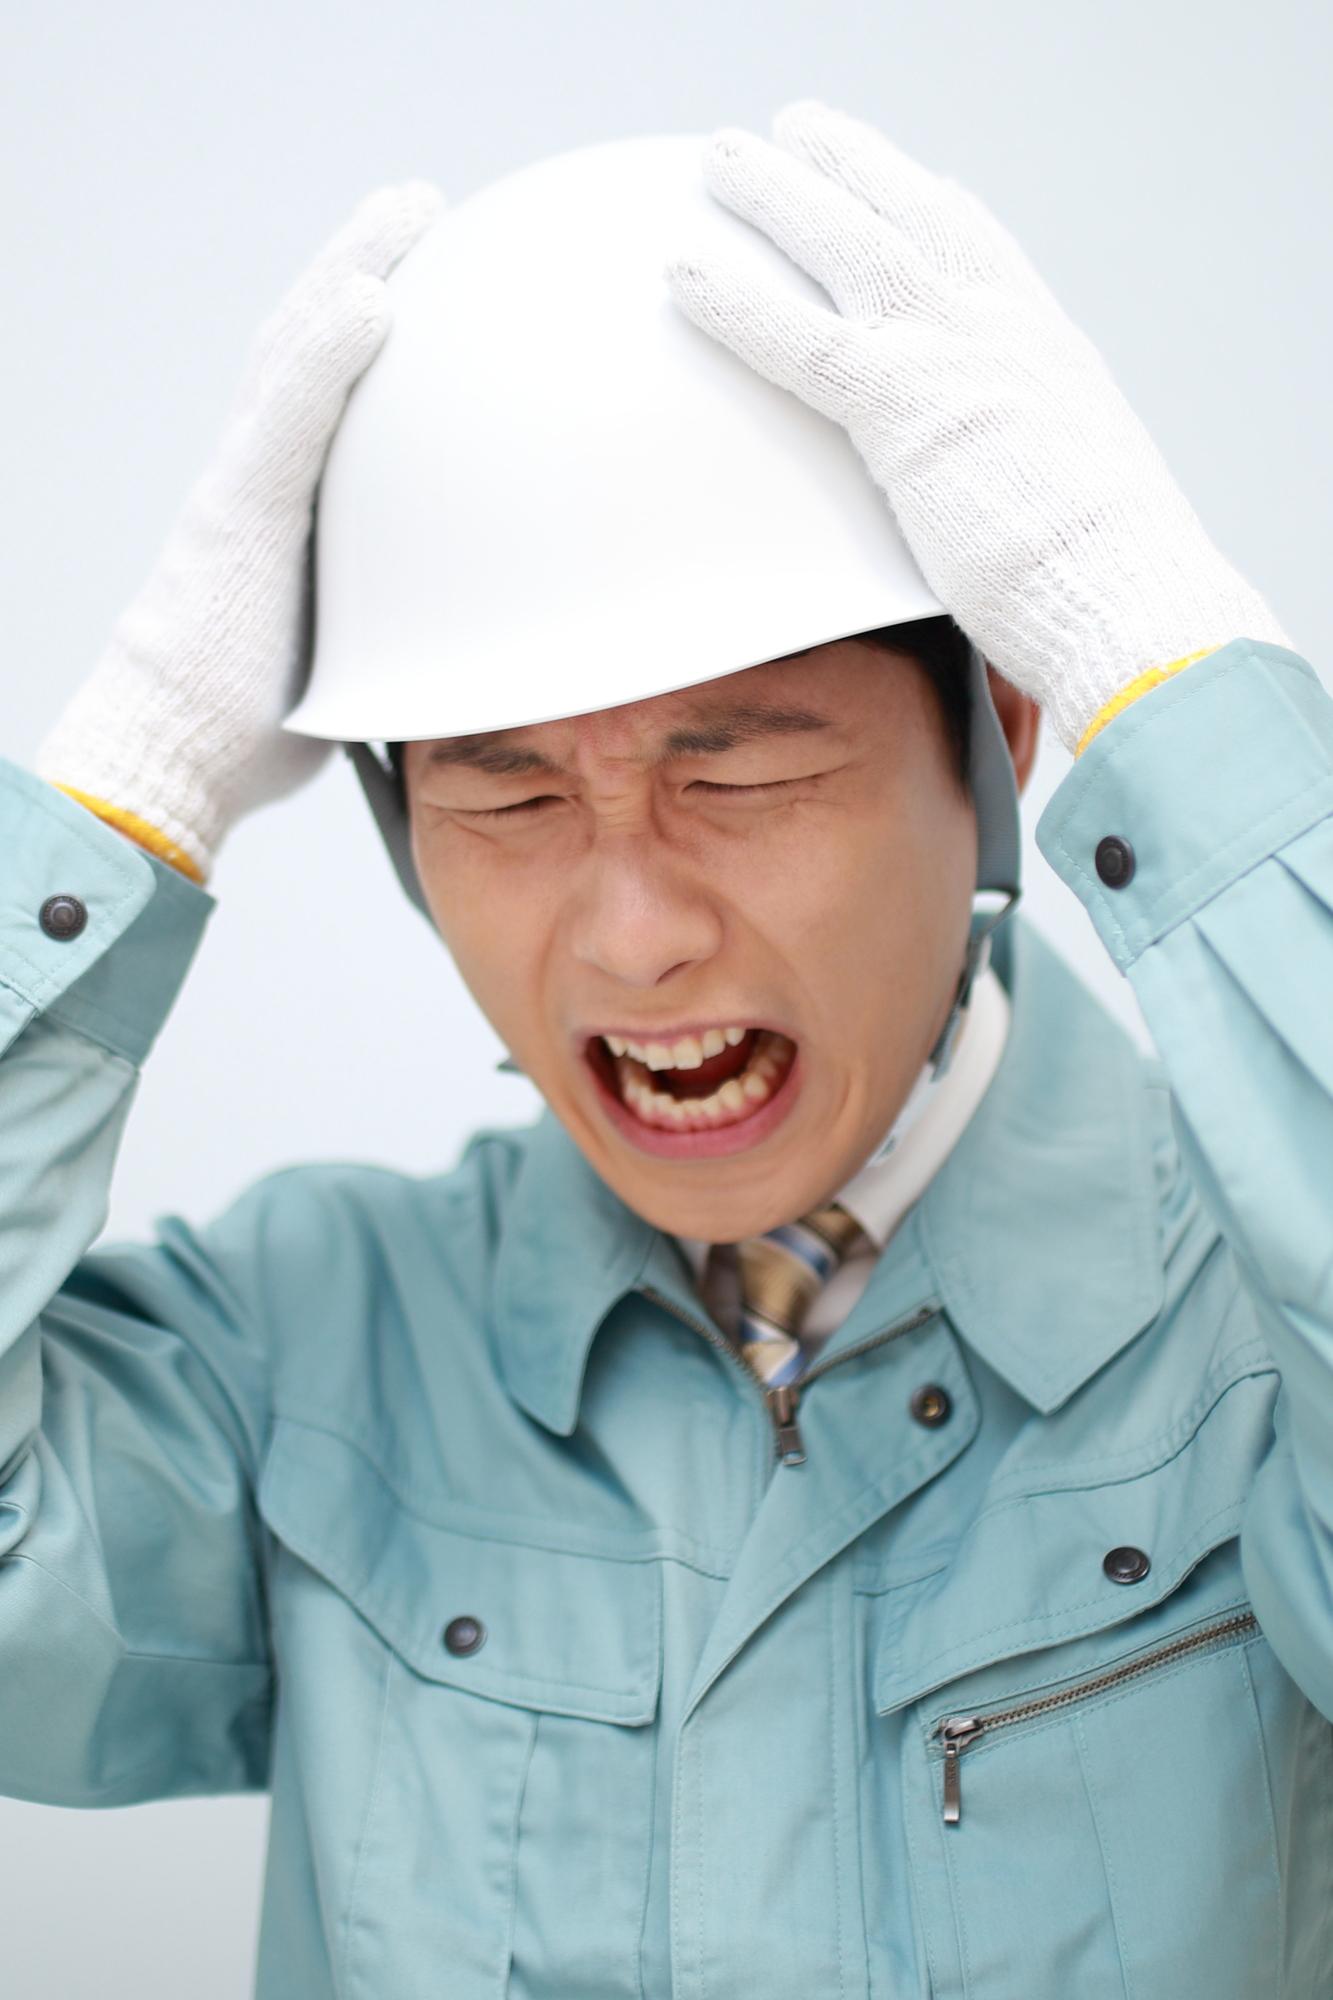 作業者 男性 悩む 叫ぶ 困る 頭掛抱える 泣く 辛い しんどい